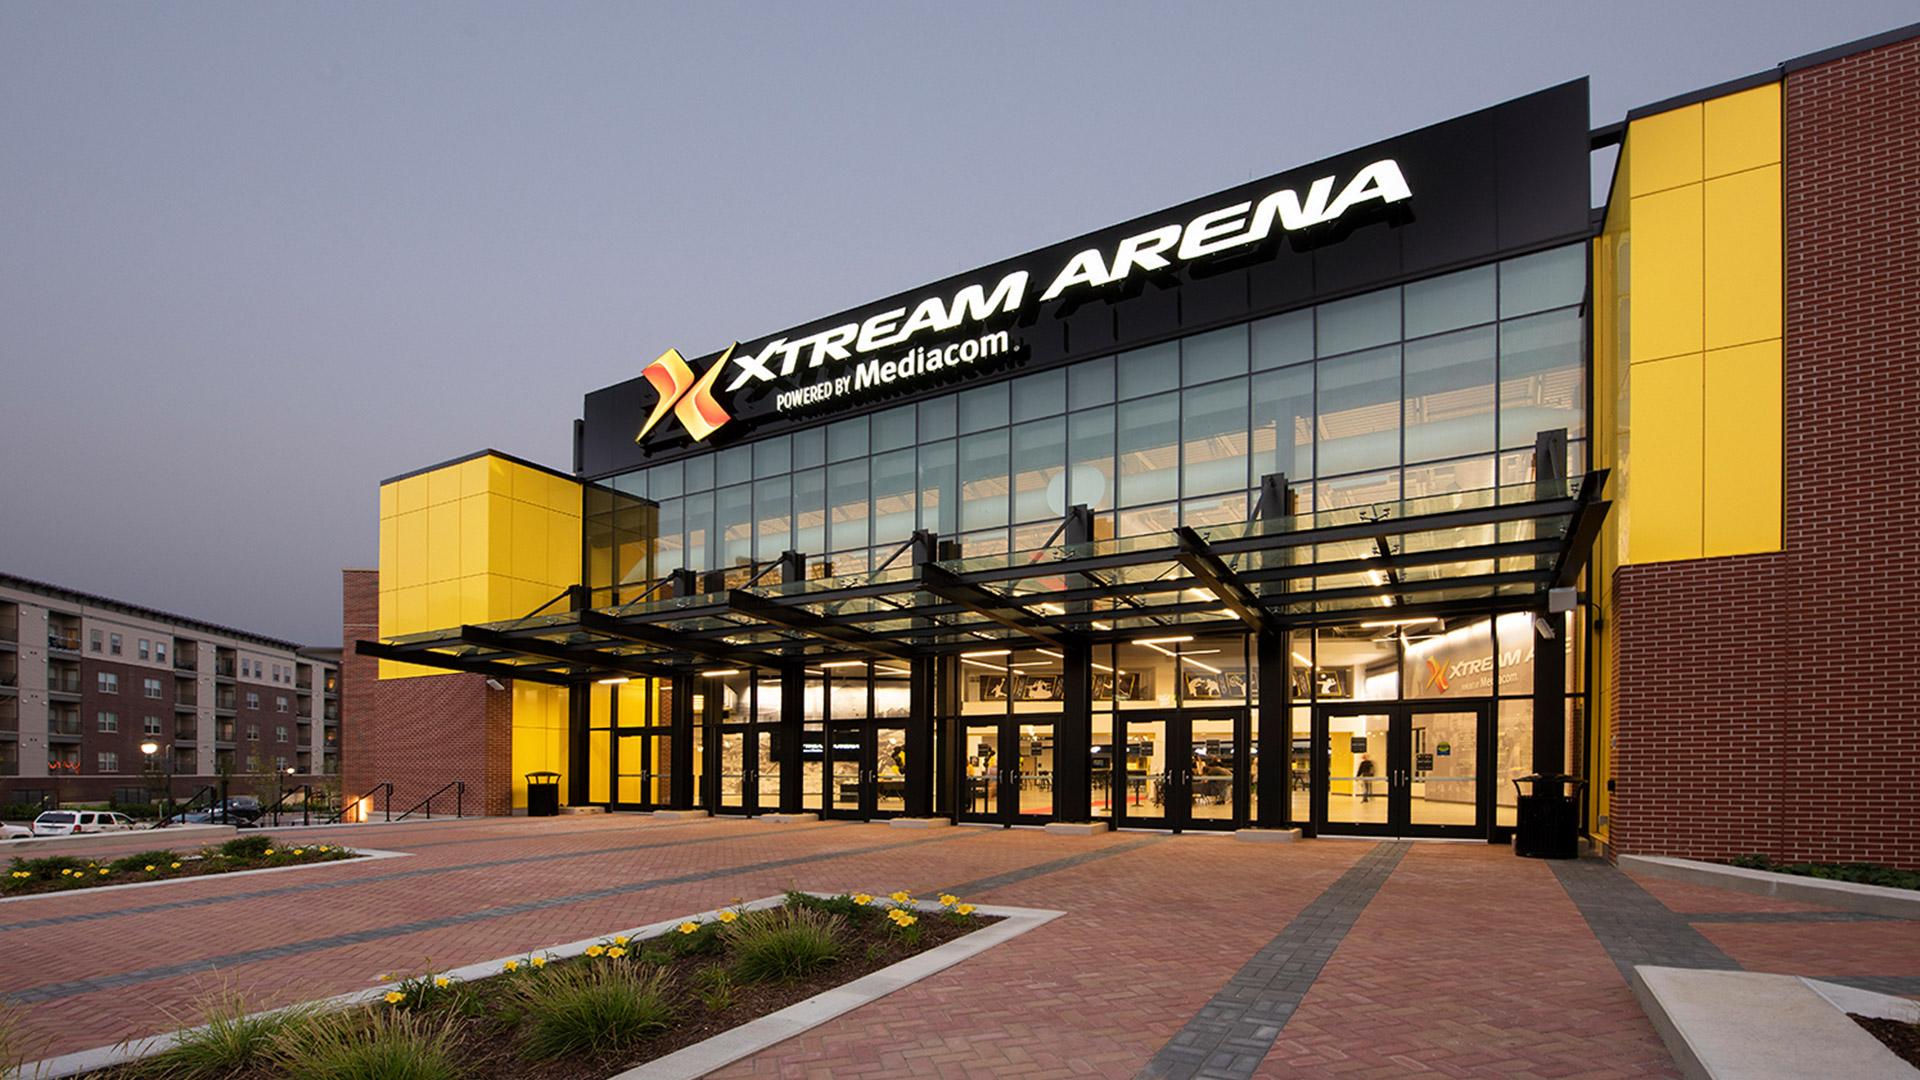 Xstream Arena Exterior